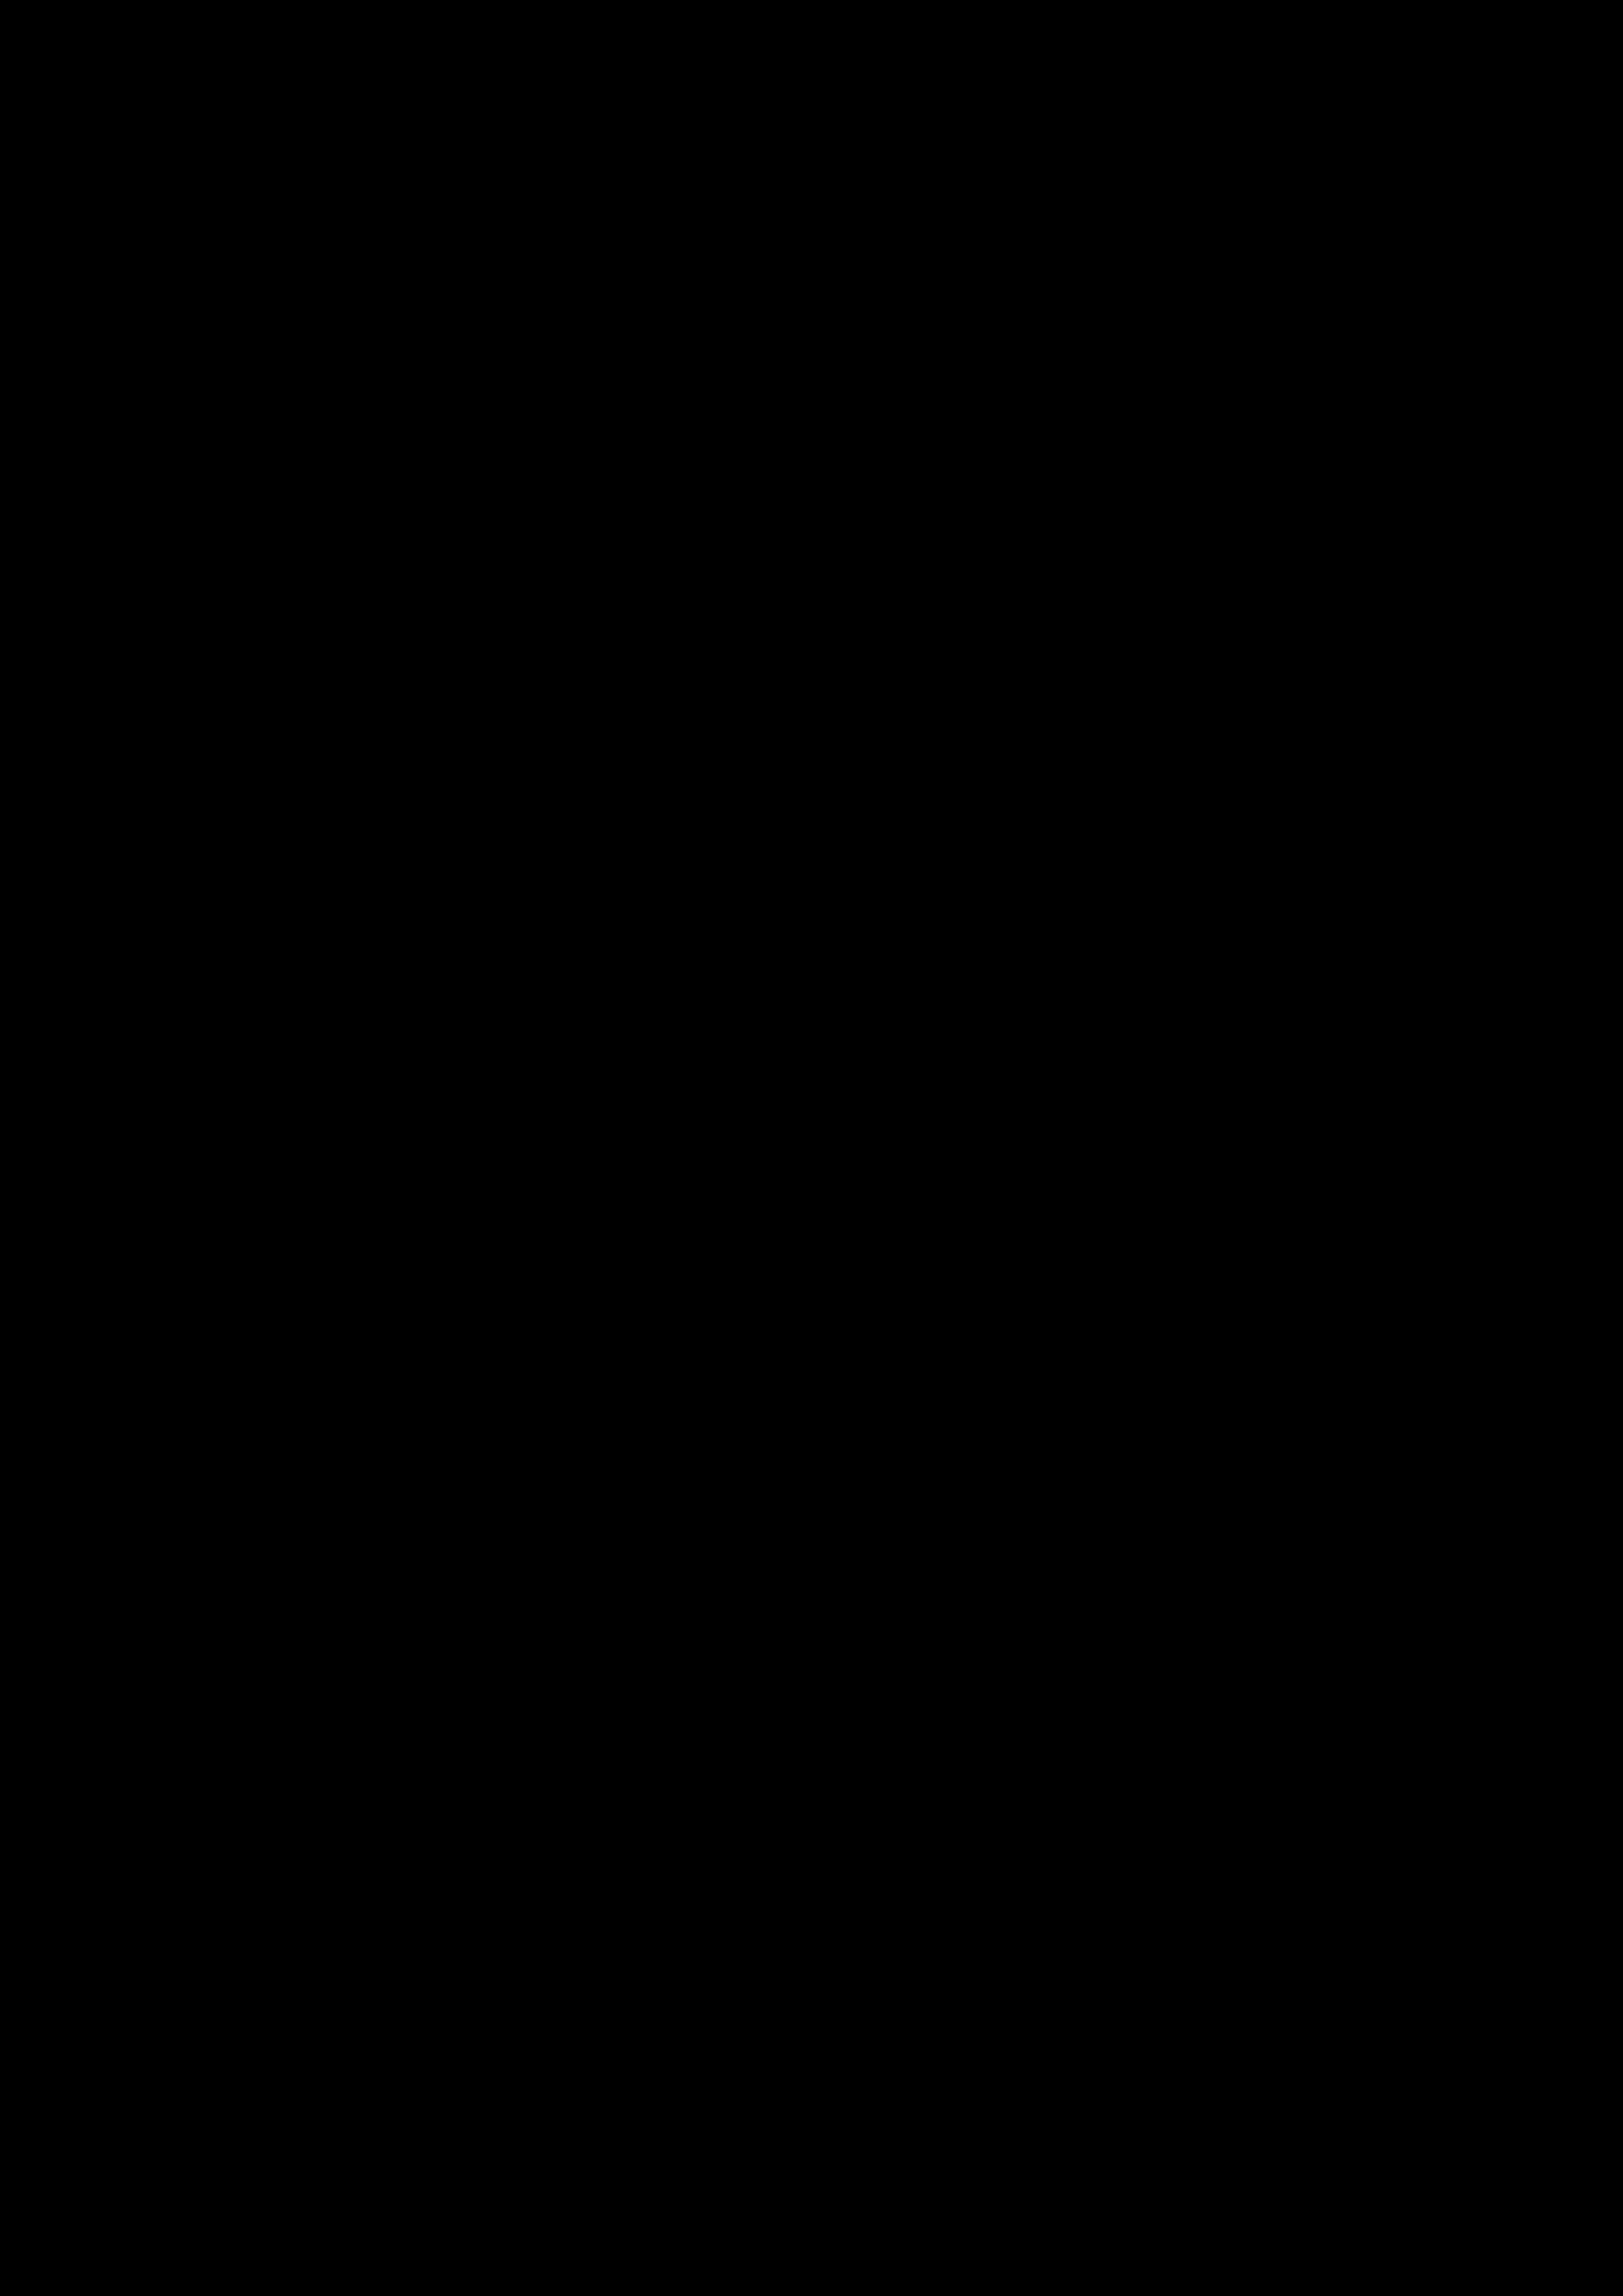 201212180048173e3.png